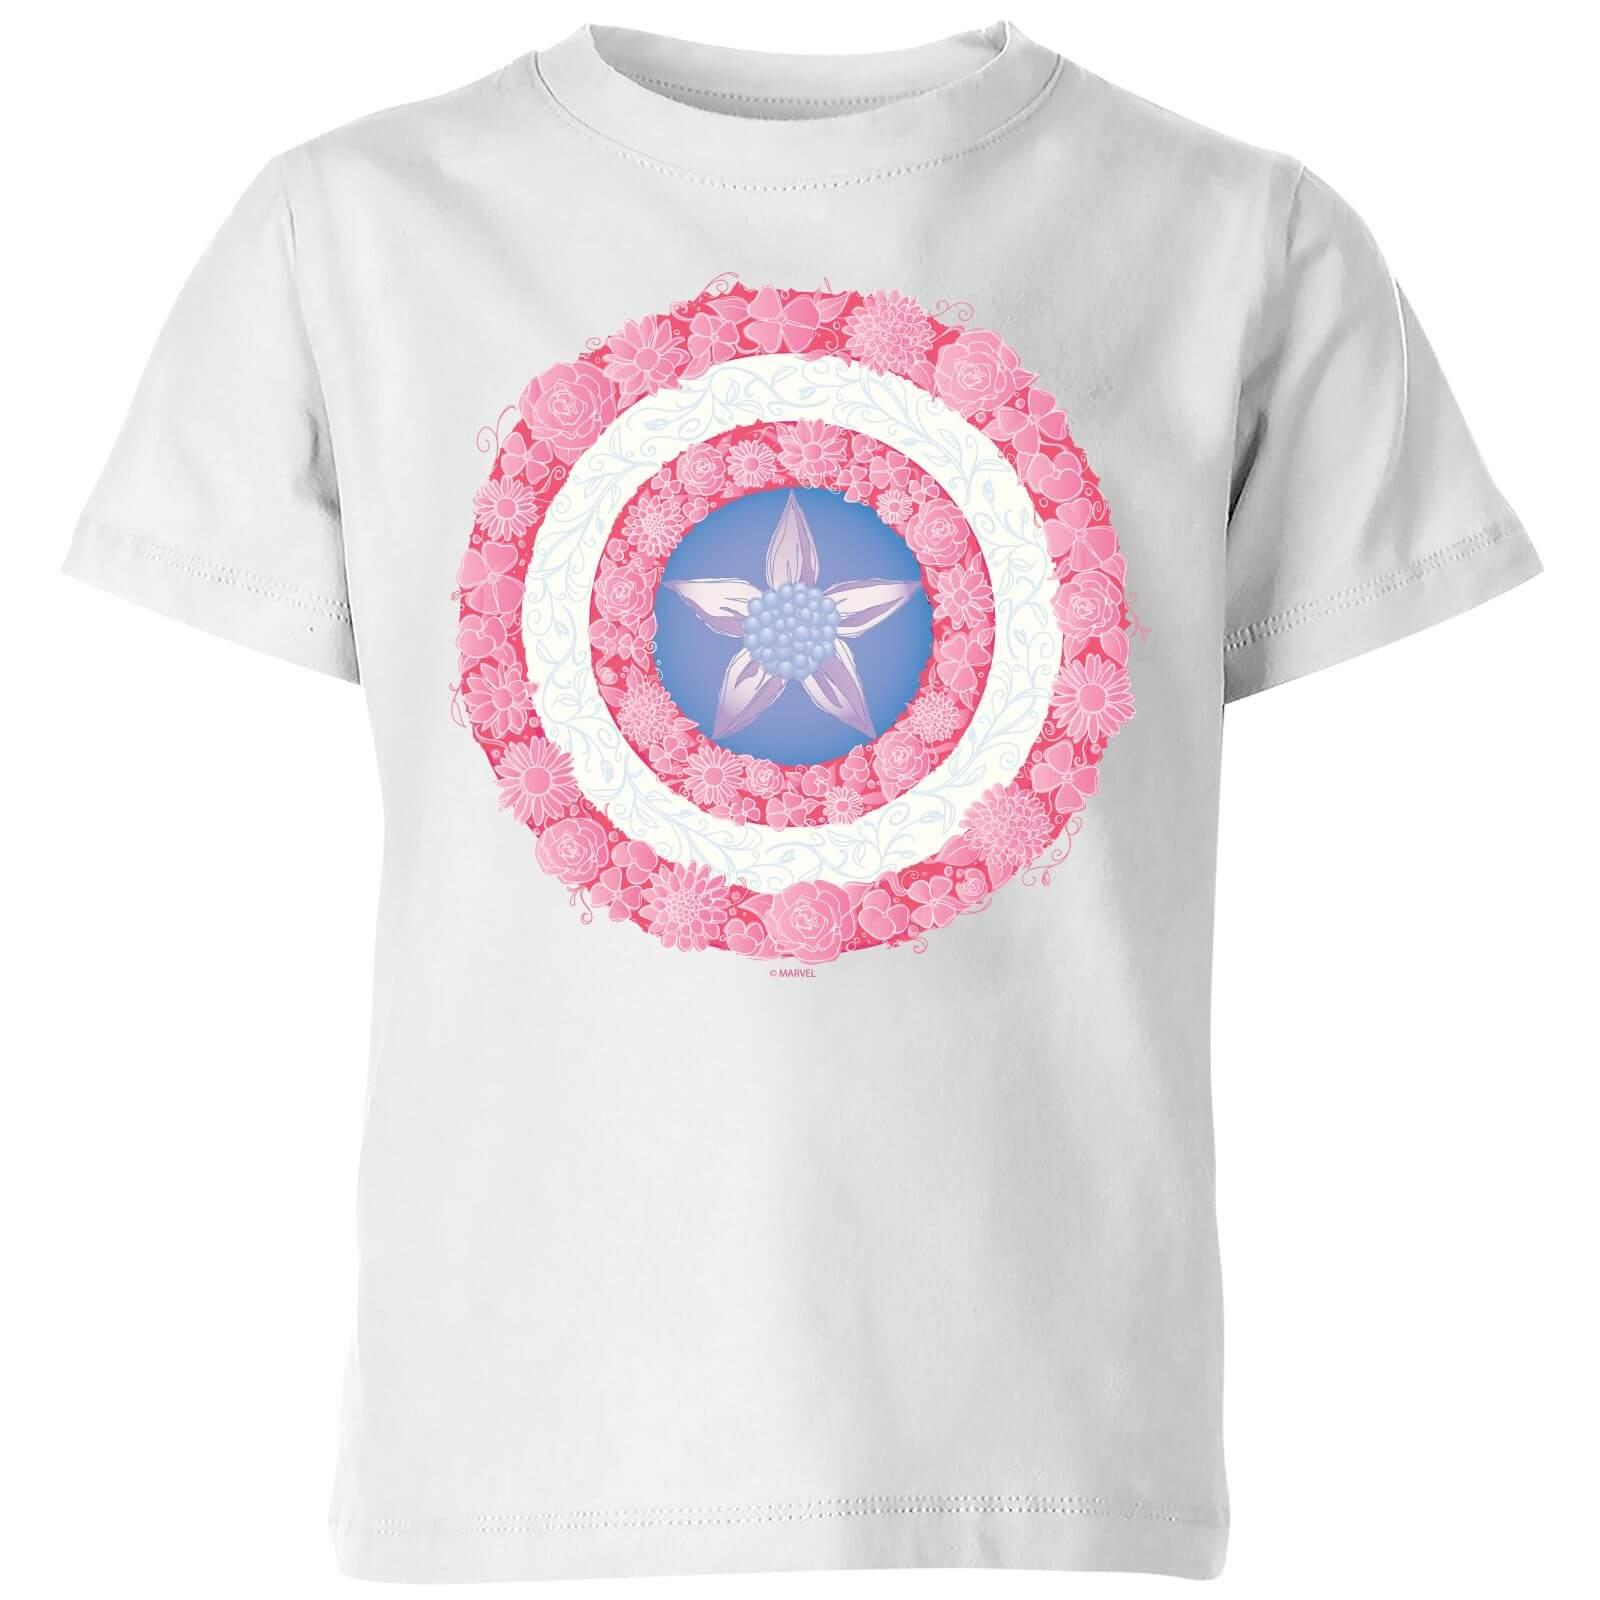 Marvel Captain America Flower Shield Kids' T-Shirt - White - 11-12 Years - White